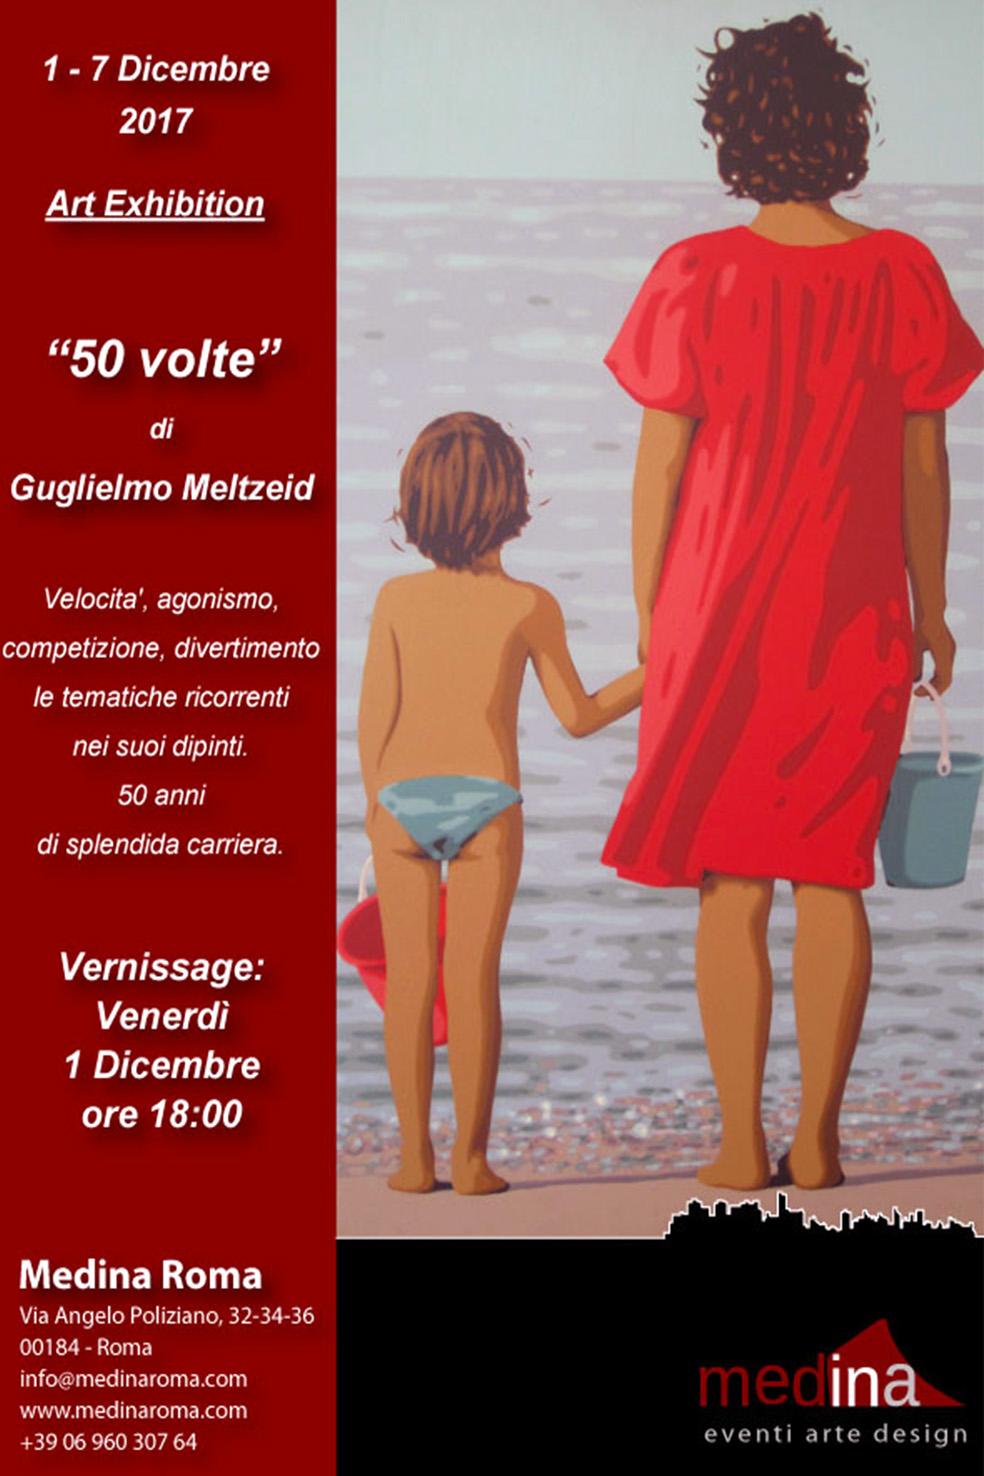 '50 volte' di Guglielmo Meltzeid, Medina, Roma, 1-7/12/2017